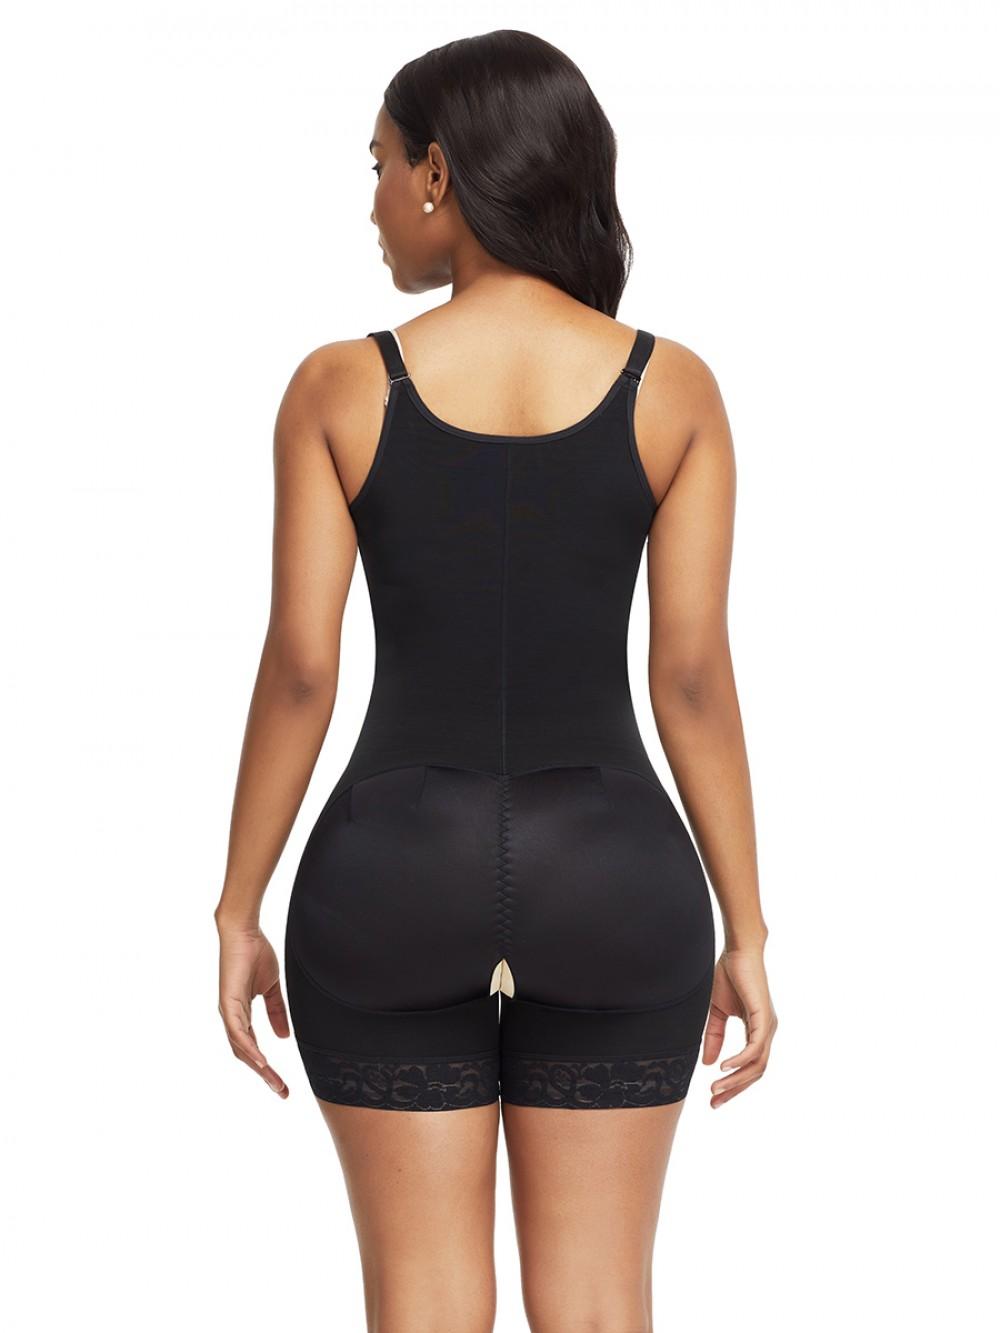 Figure Compression Black Adjustable Straps Underbust Body Shaper